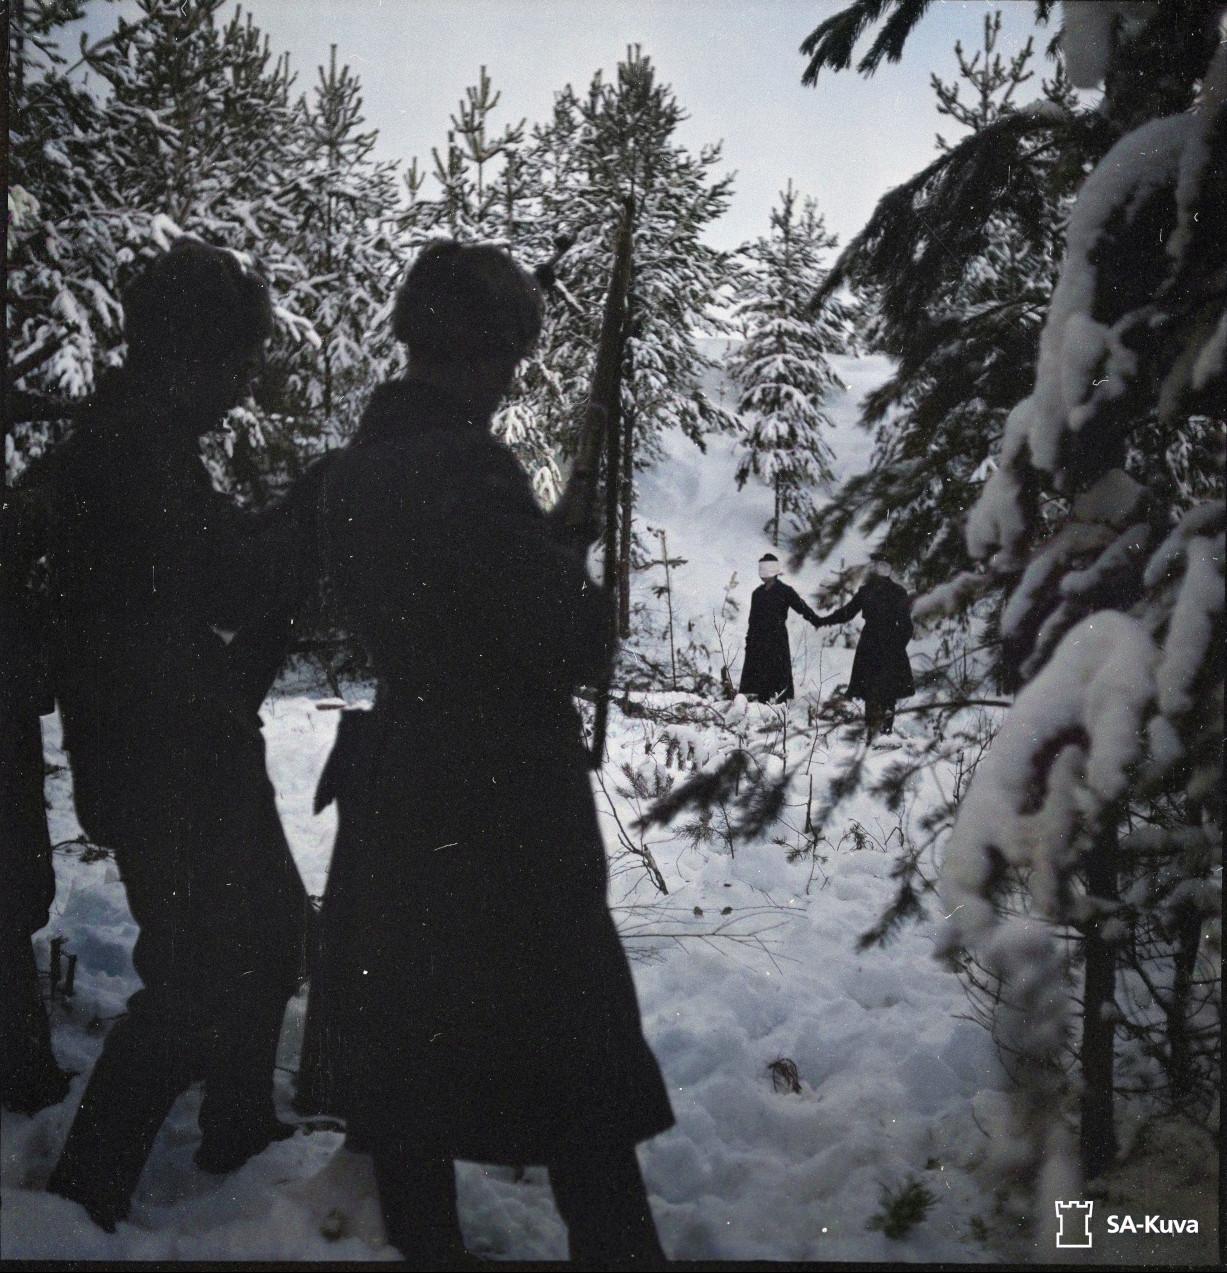 Група людей, що стоять у снігу